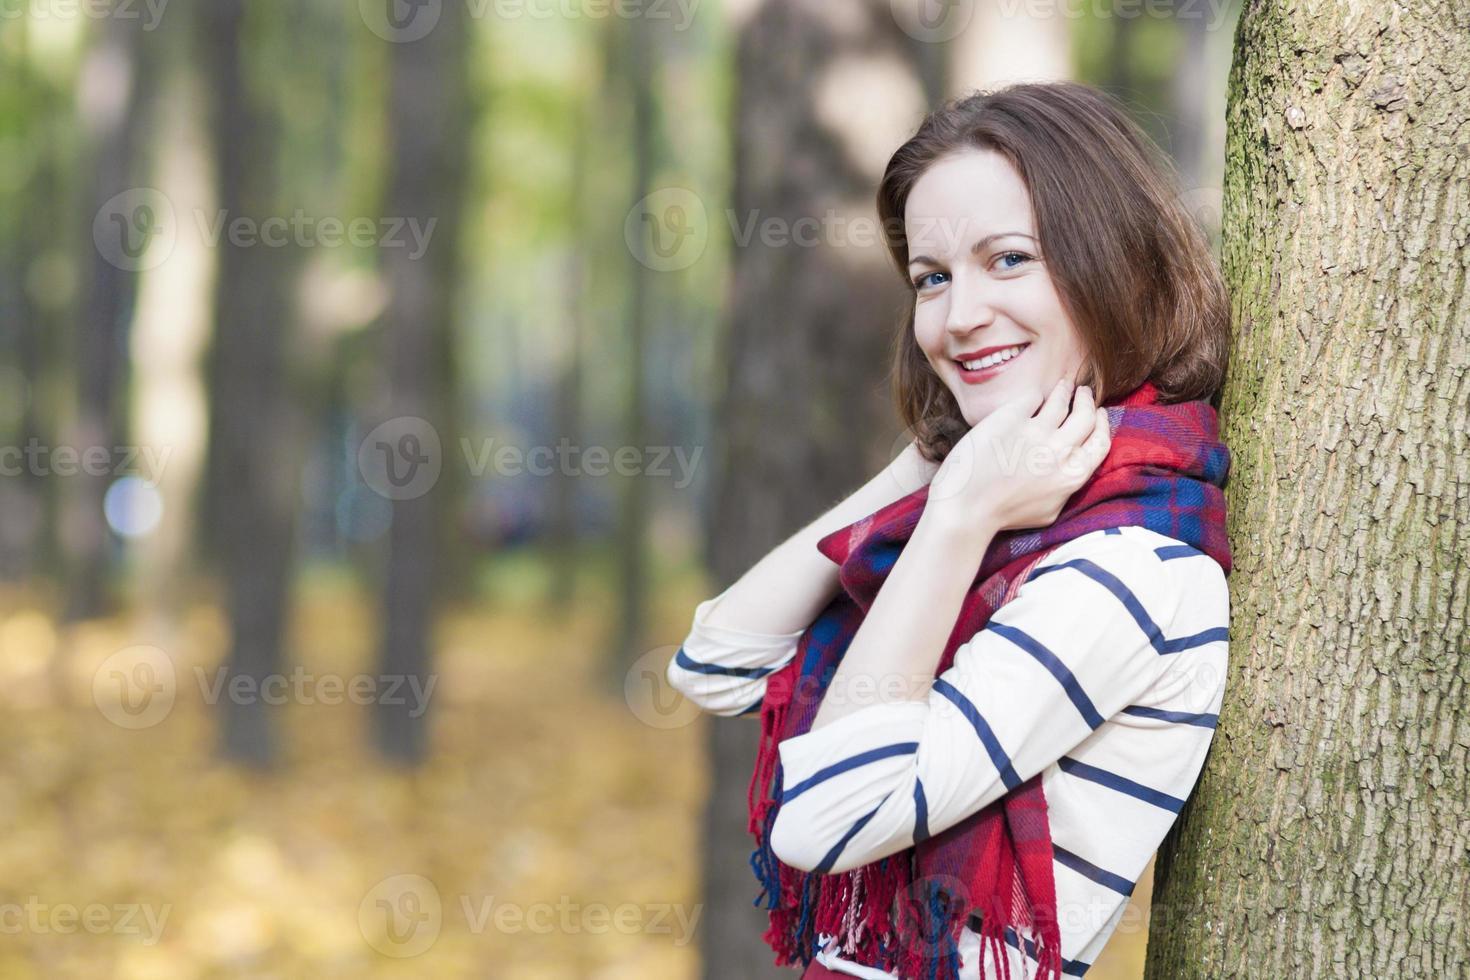 modelo femenino vestido con ropa elegante foto